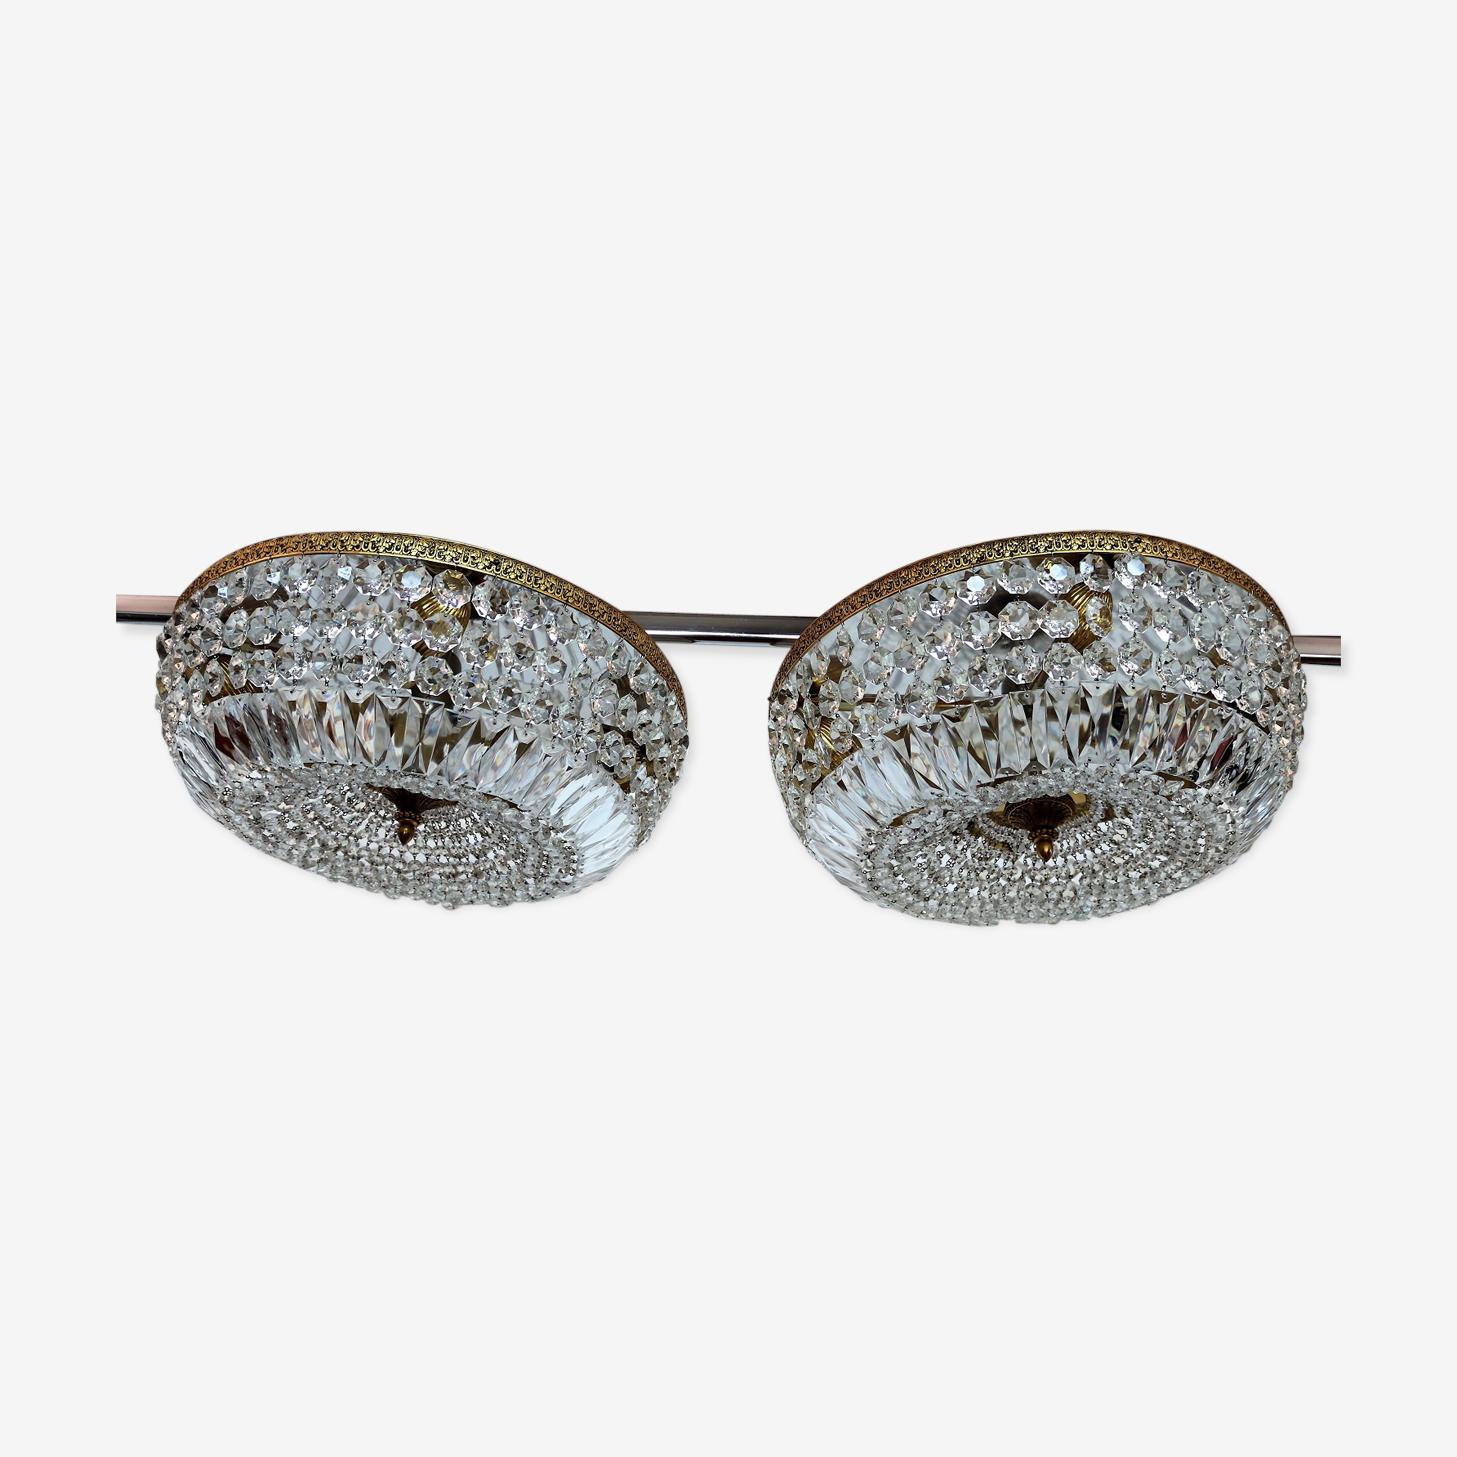 Lustres en verre de Murano cristal, des années 1950